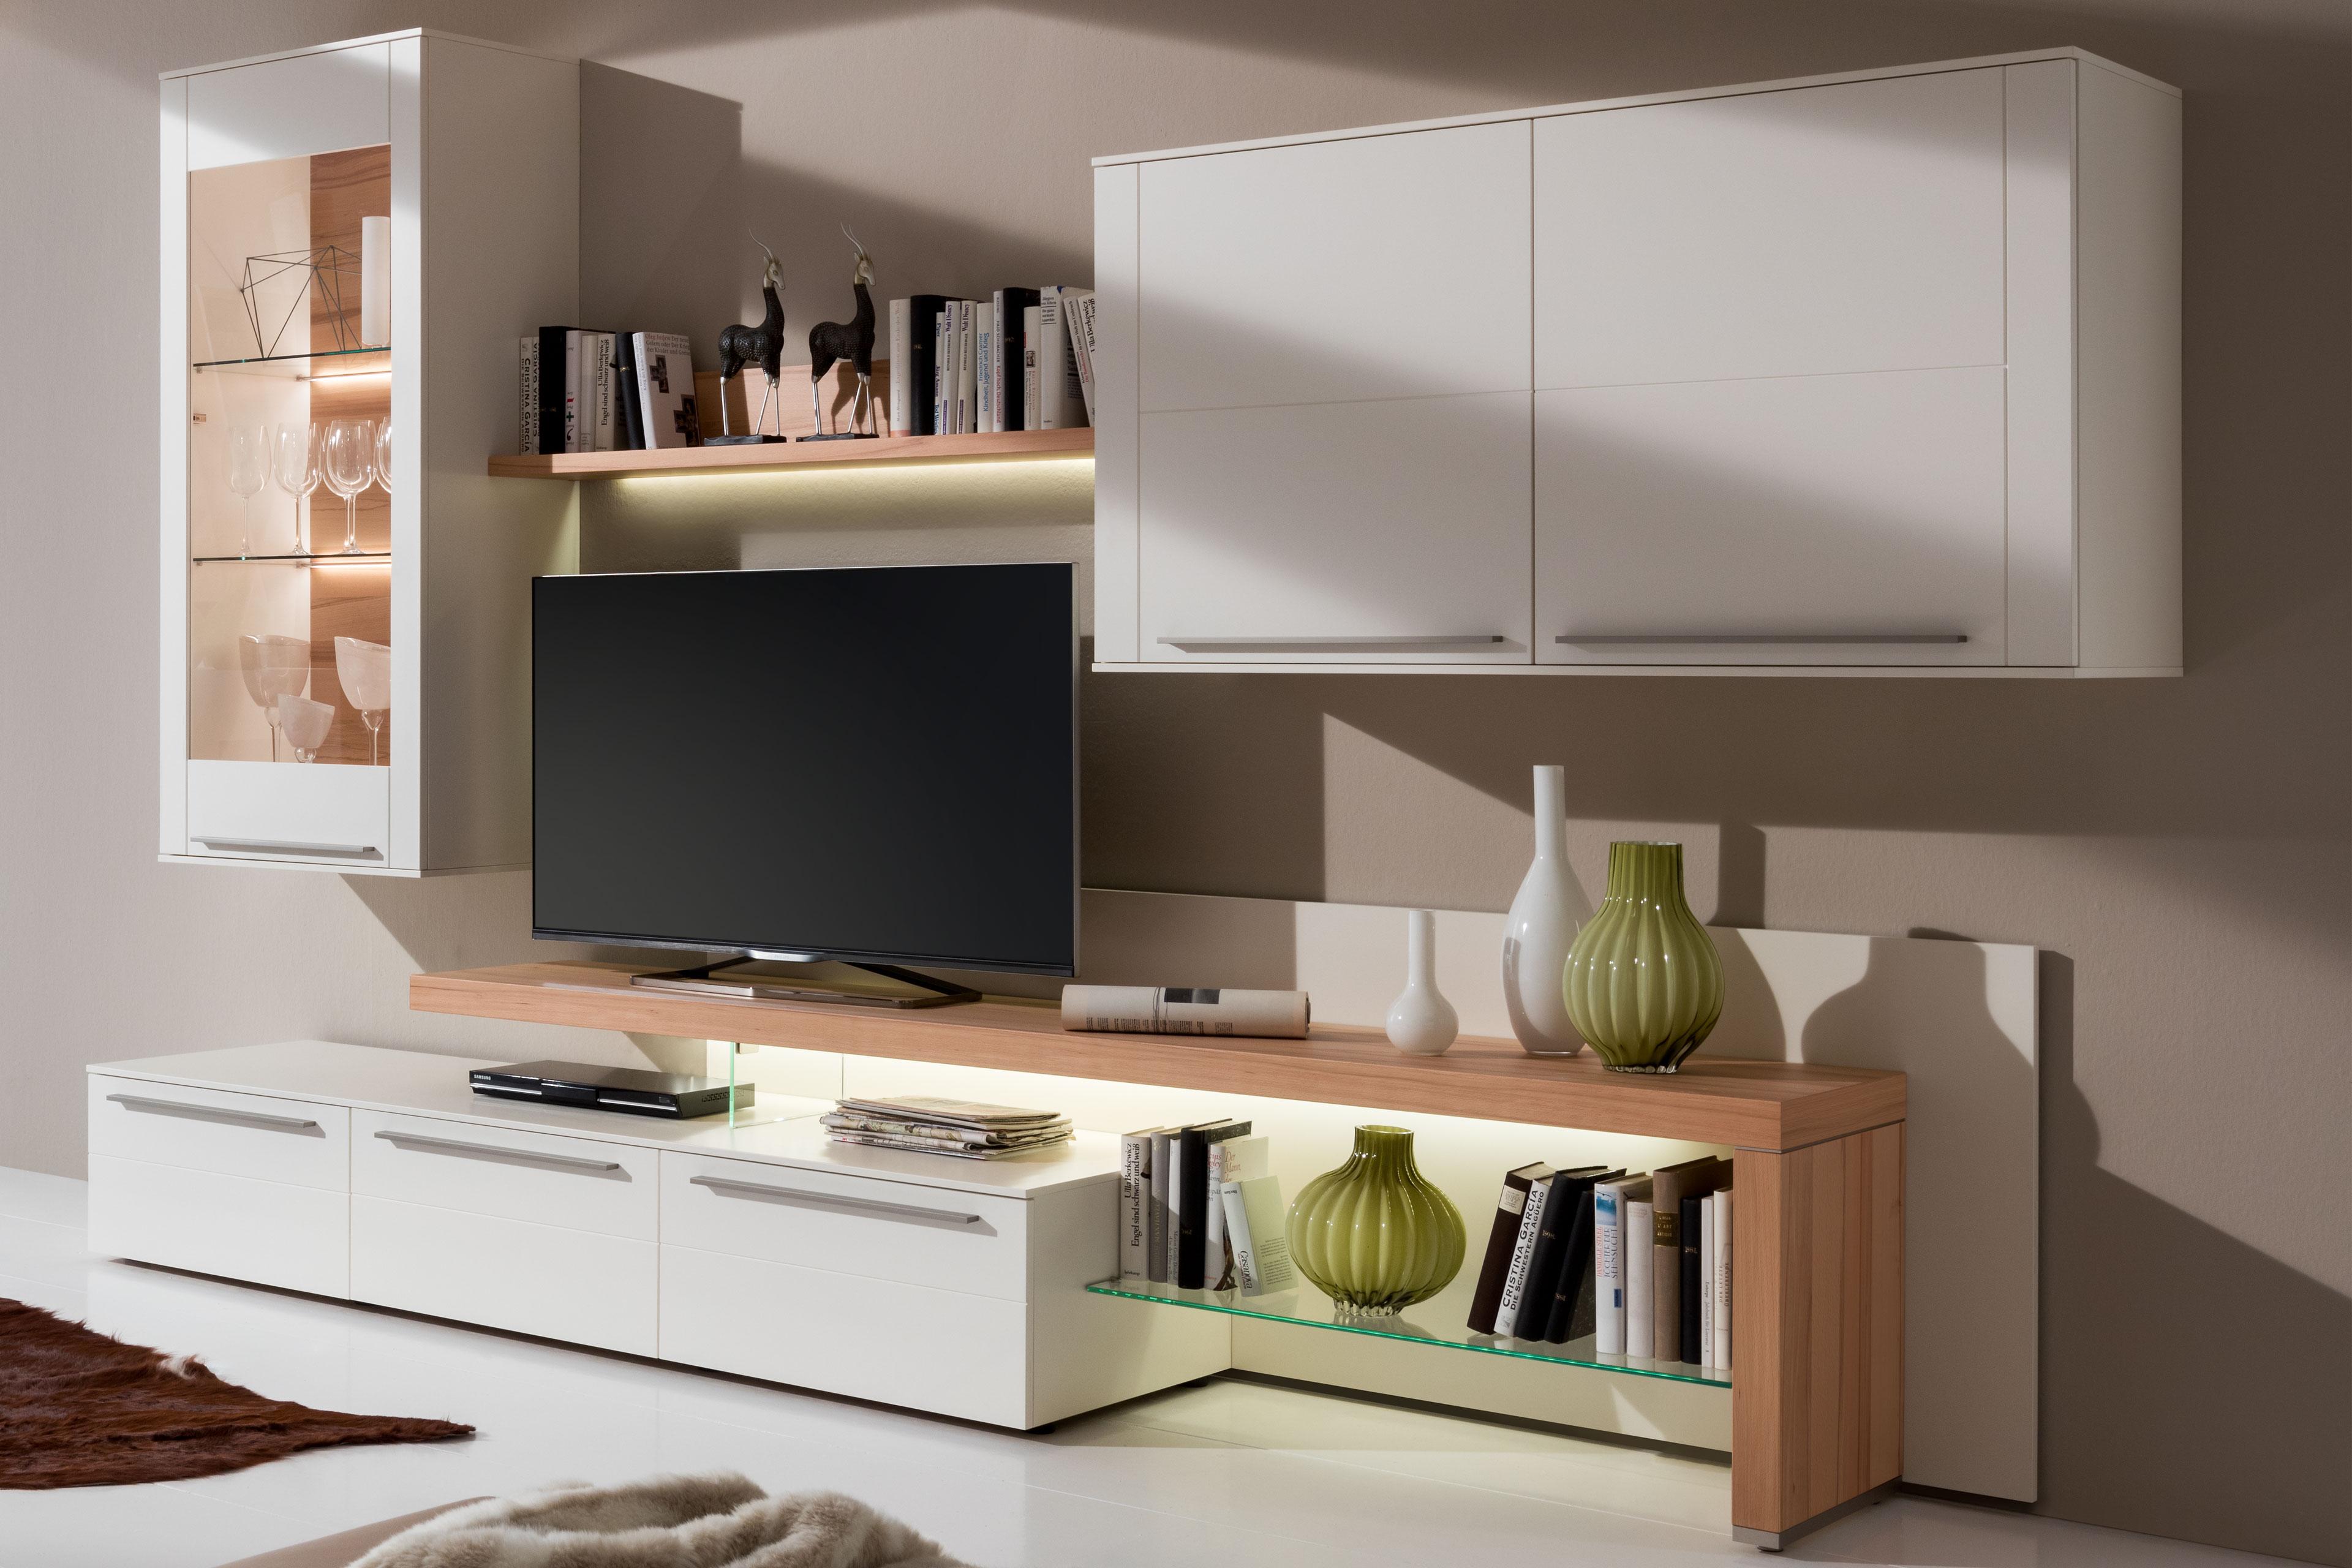 gwinner wohnwand bellano be19 wei kernbuche m bel letz ihr online shop. Black Bedroom Furniture Sets. Home Design Ideas